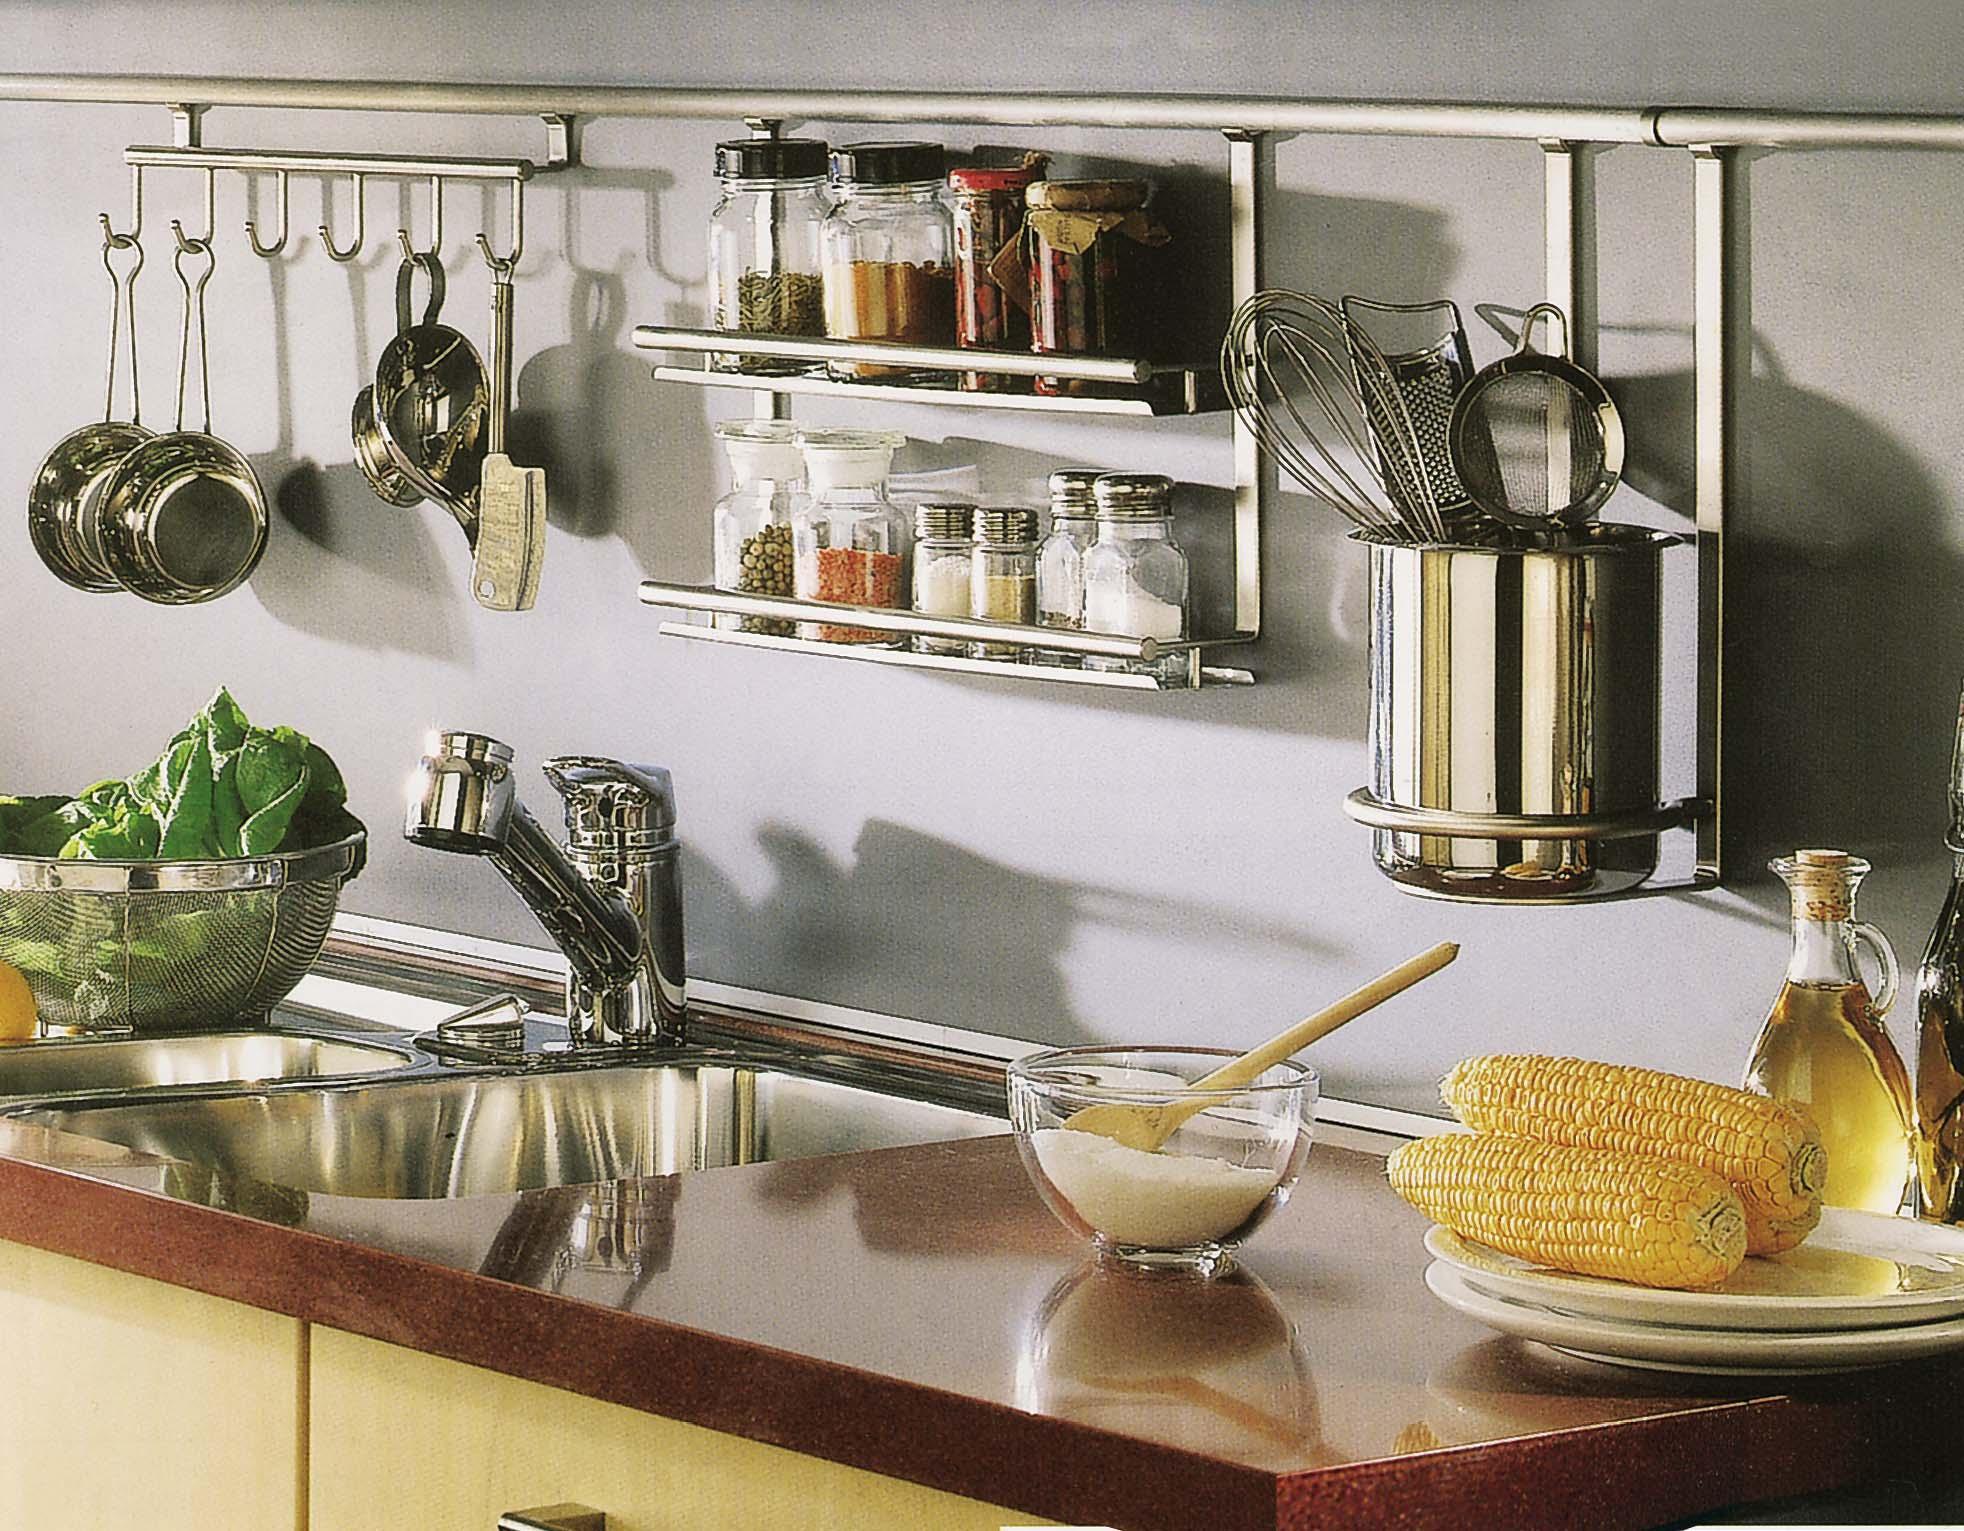 Рабочая кухонная зона